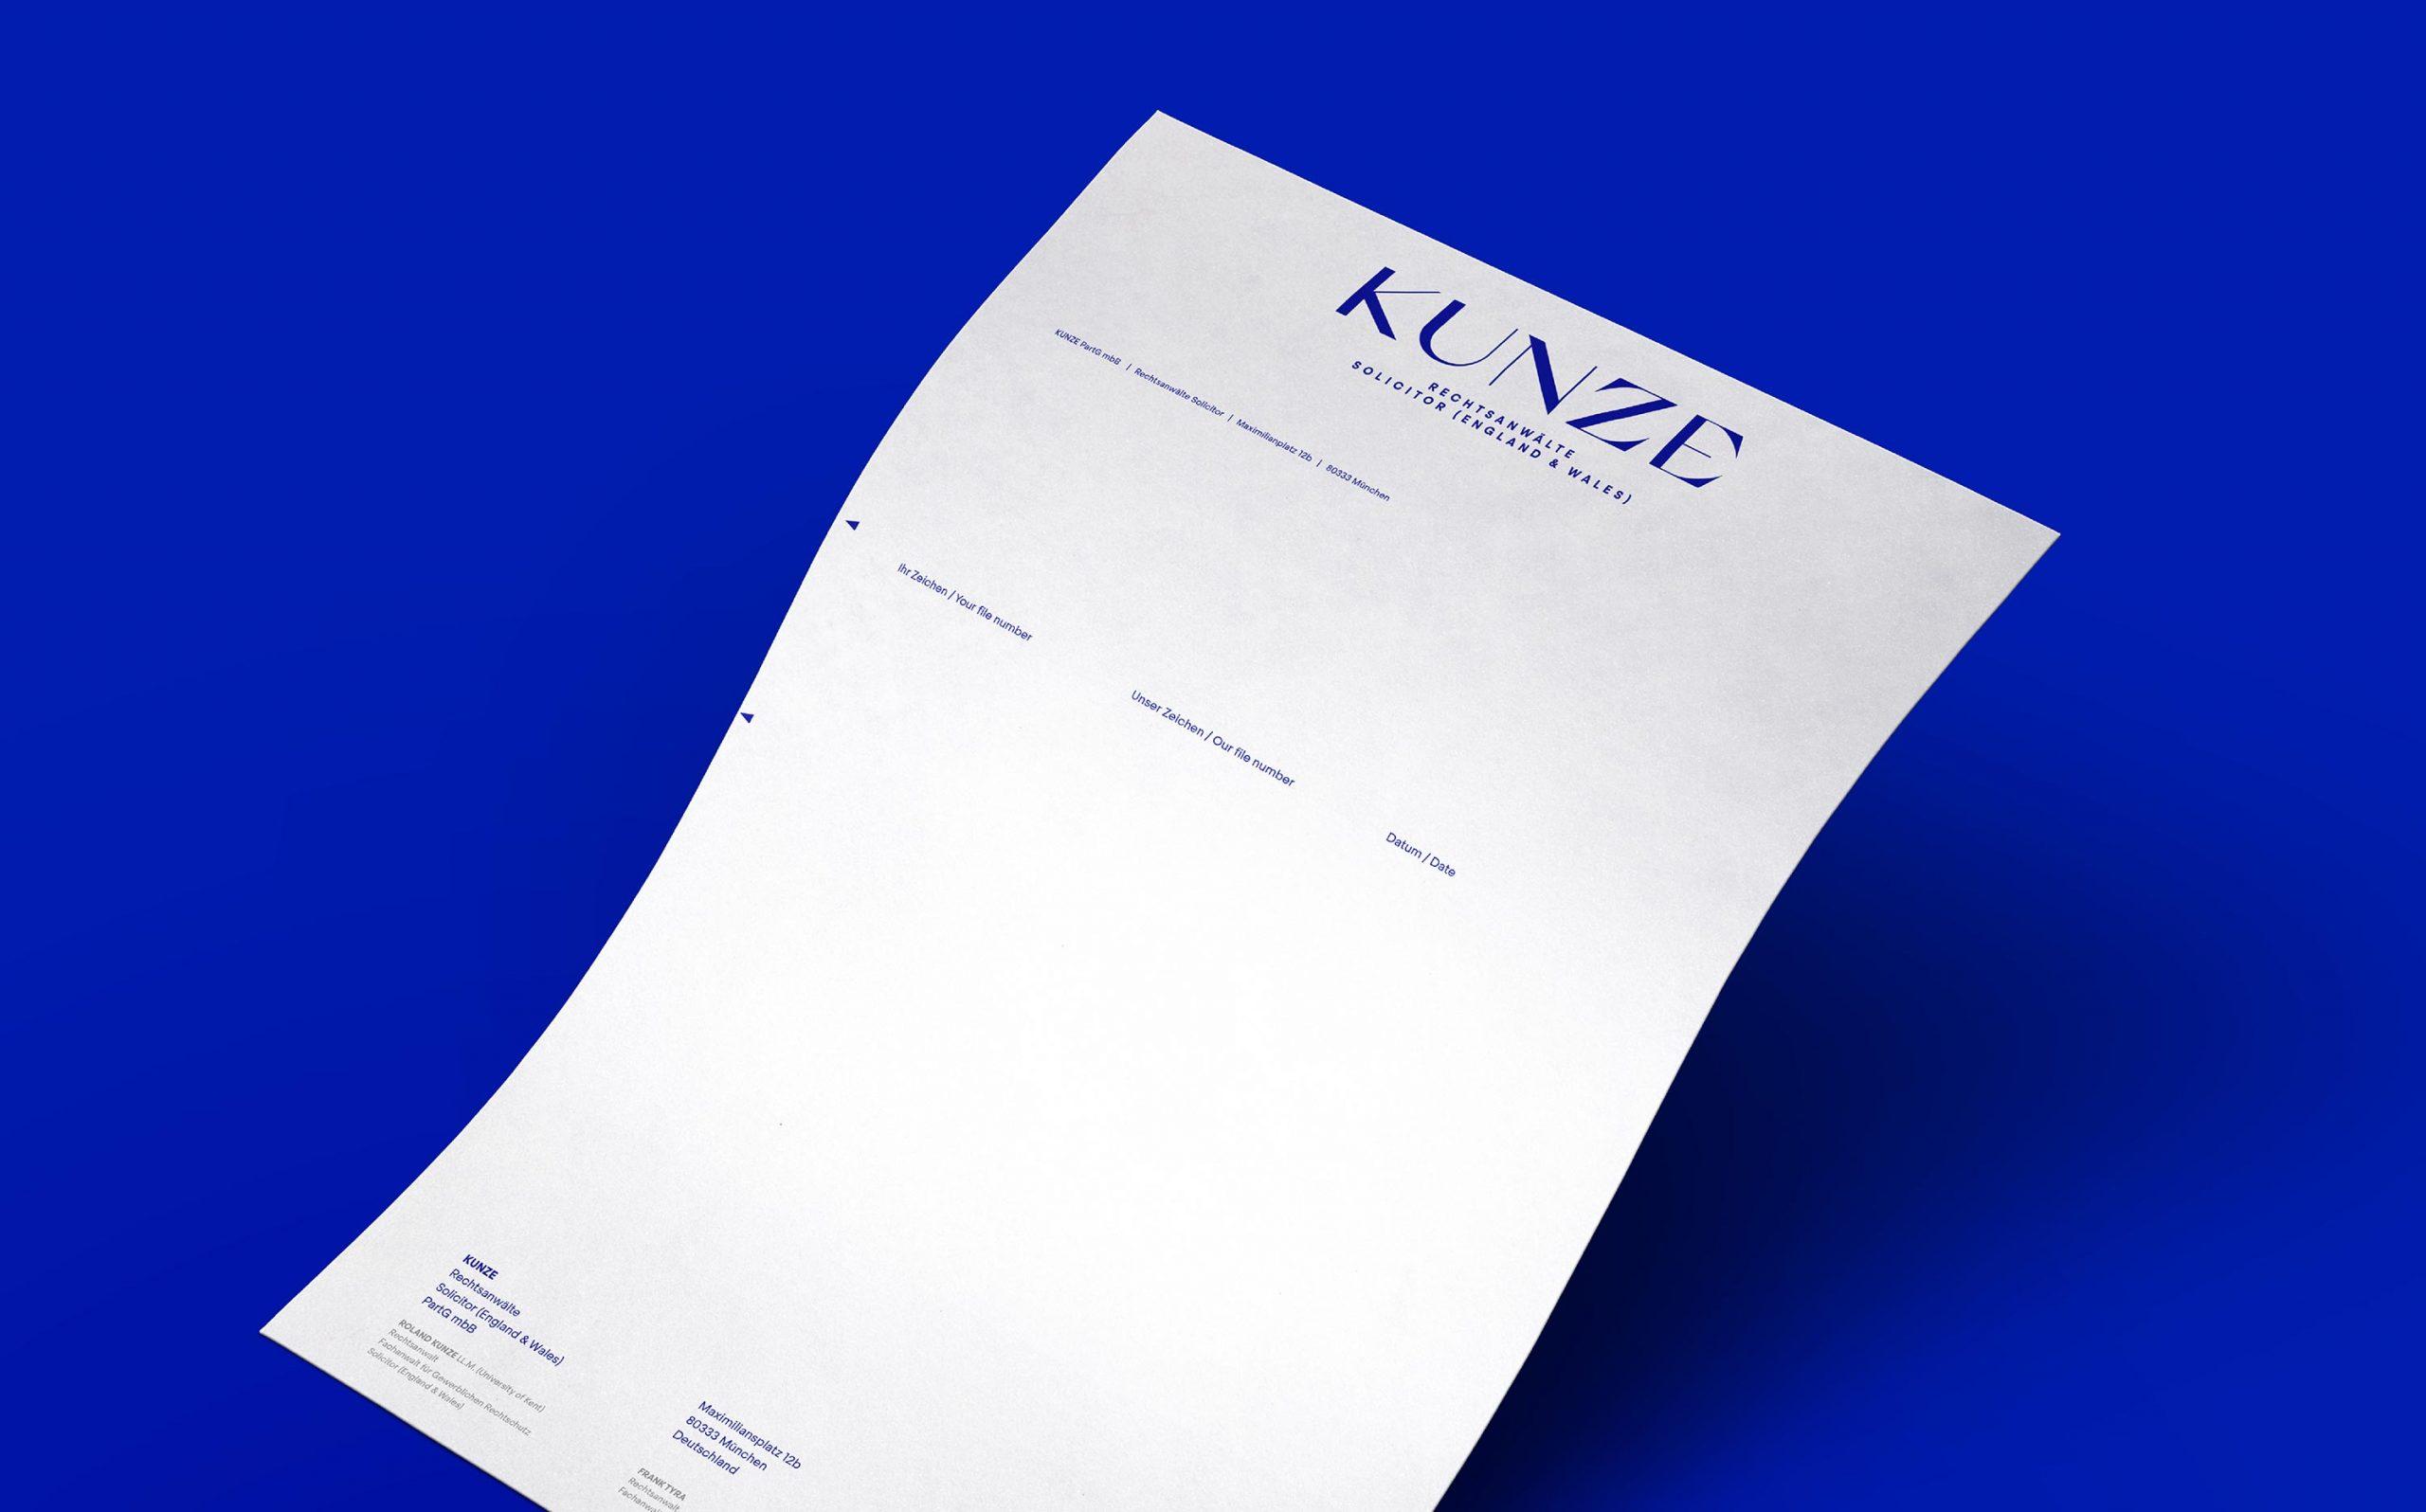 Corporate Design für Kunze Rechtsanwälte, München | Briefpapier vor blauem Hintergrund | Keywords: Corporate Design, Branding, Contemporary Design, Blau, Blue, Typografie, Typography, Graphic Design, Grafikdesign, Abstrakte Kunst